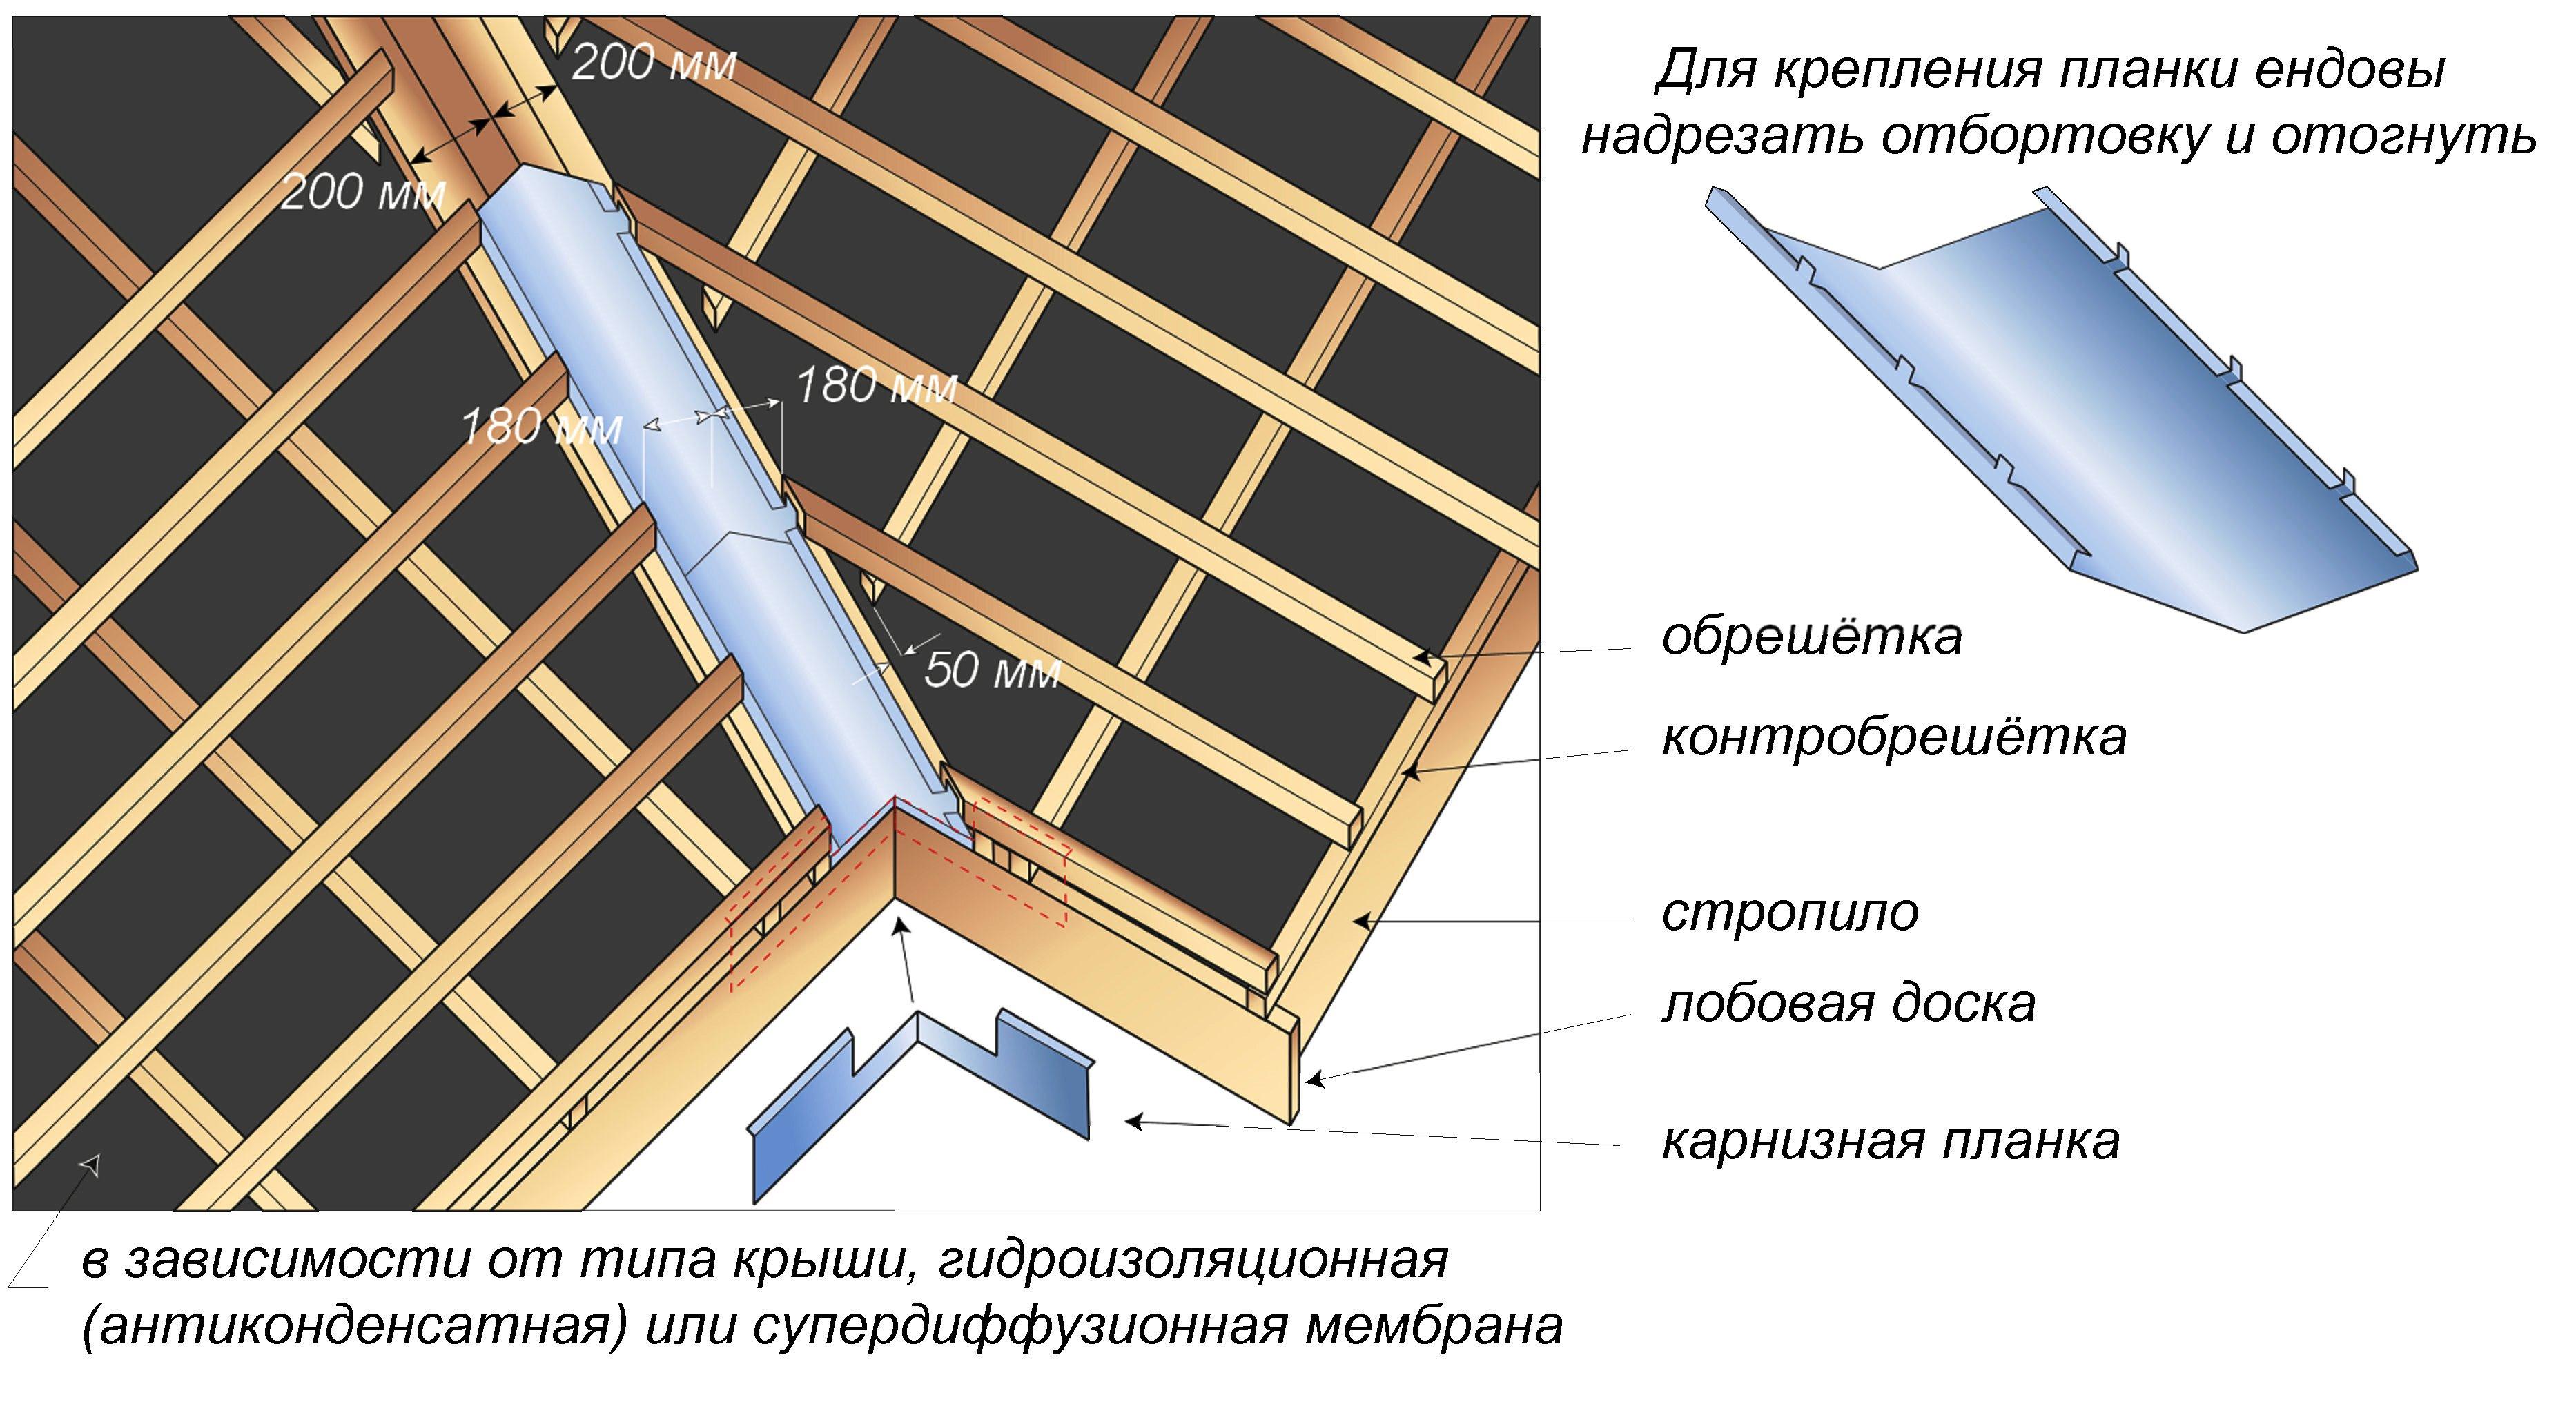 Как правильно сделать обрешетку на крышу фото